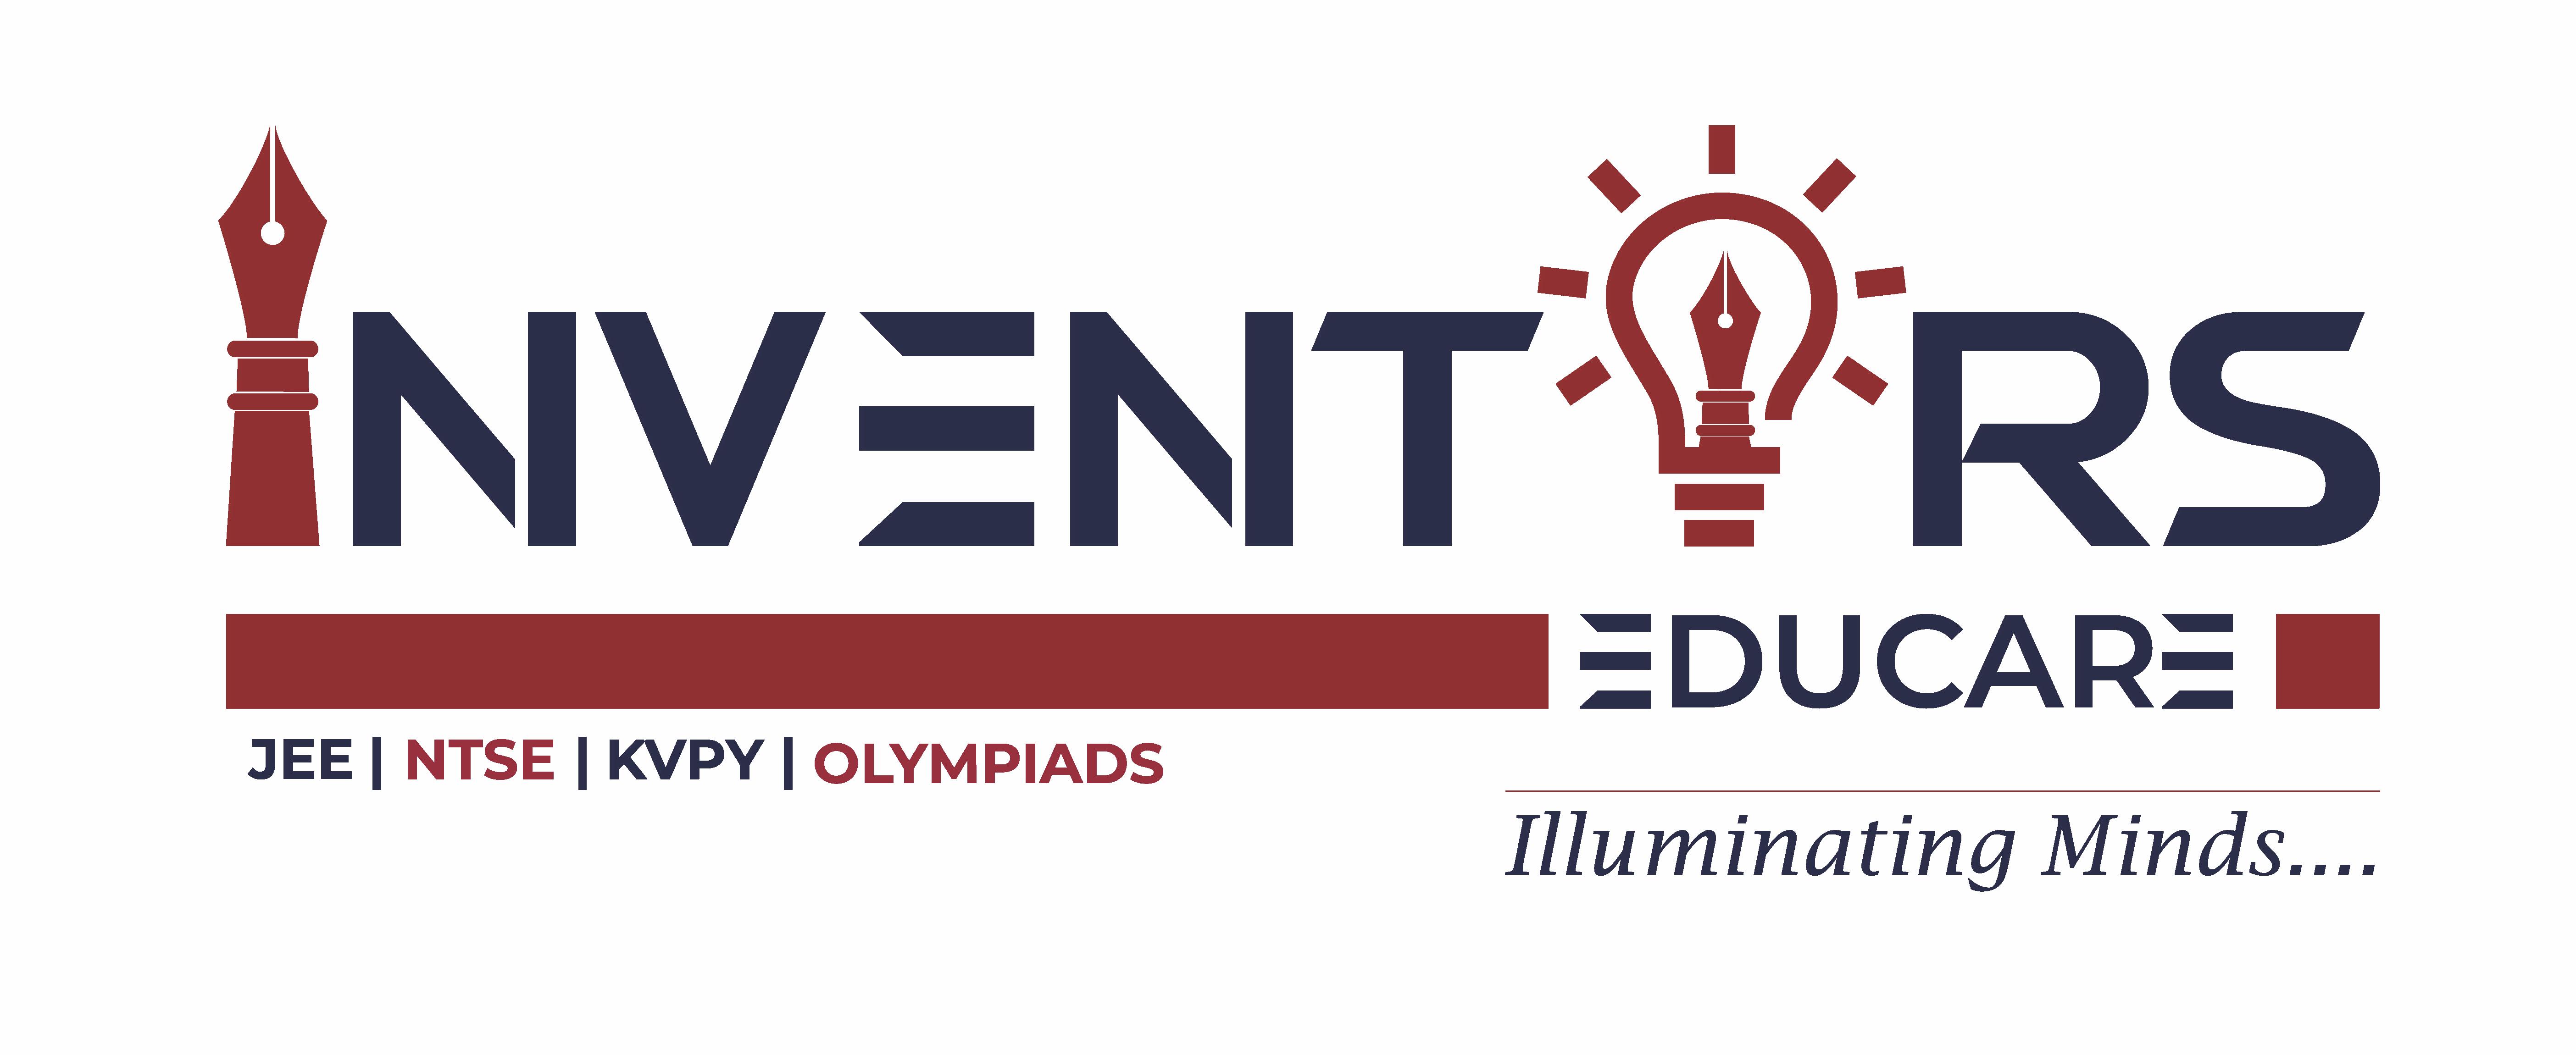 Inventors Educare